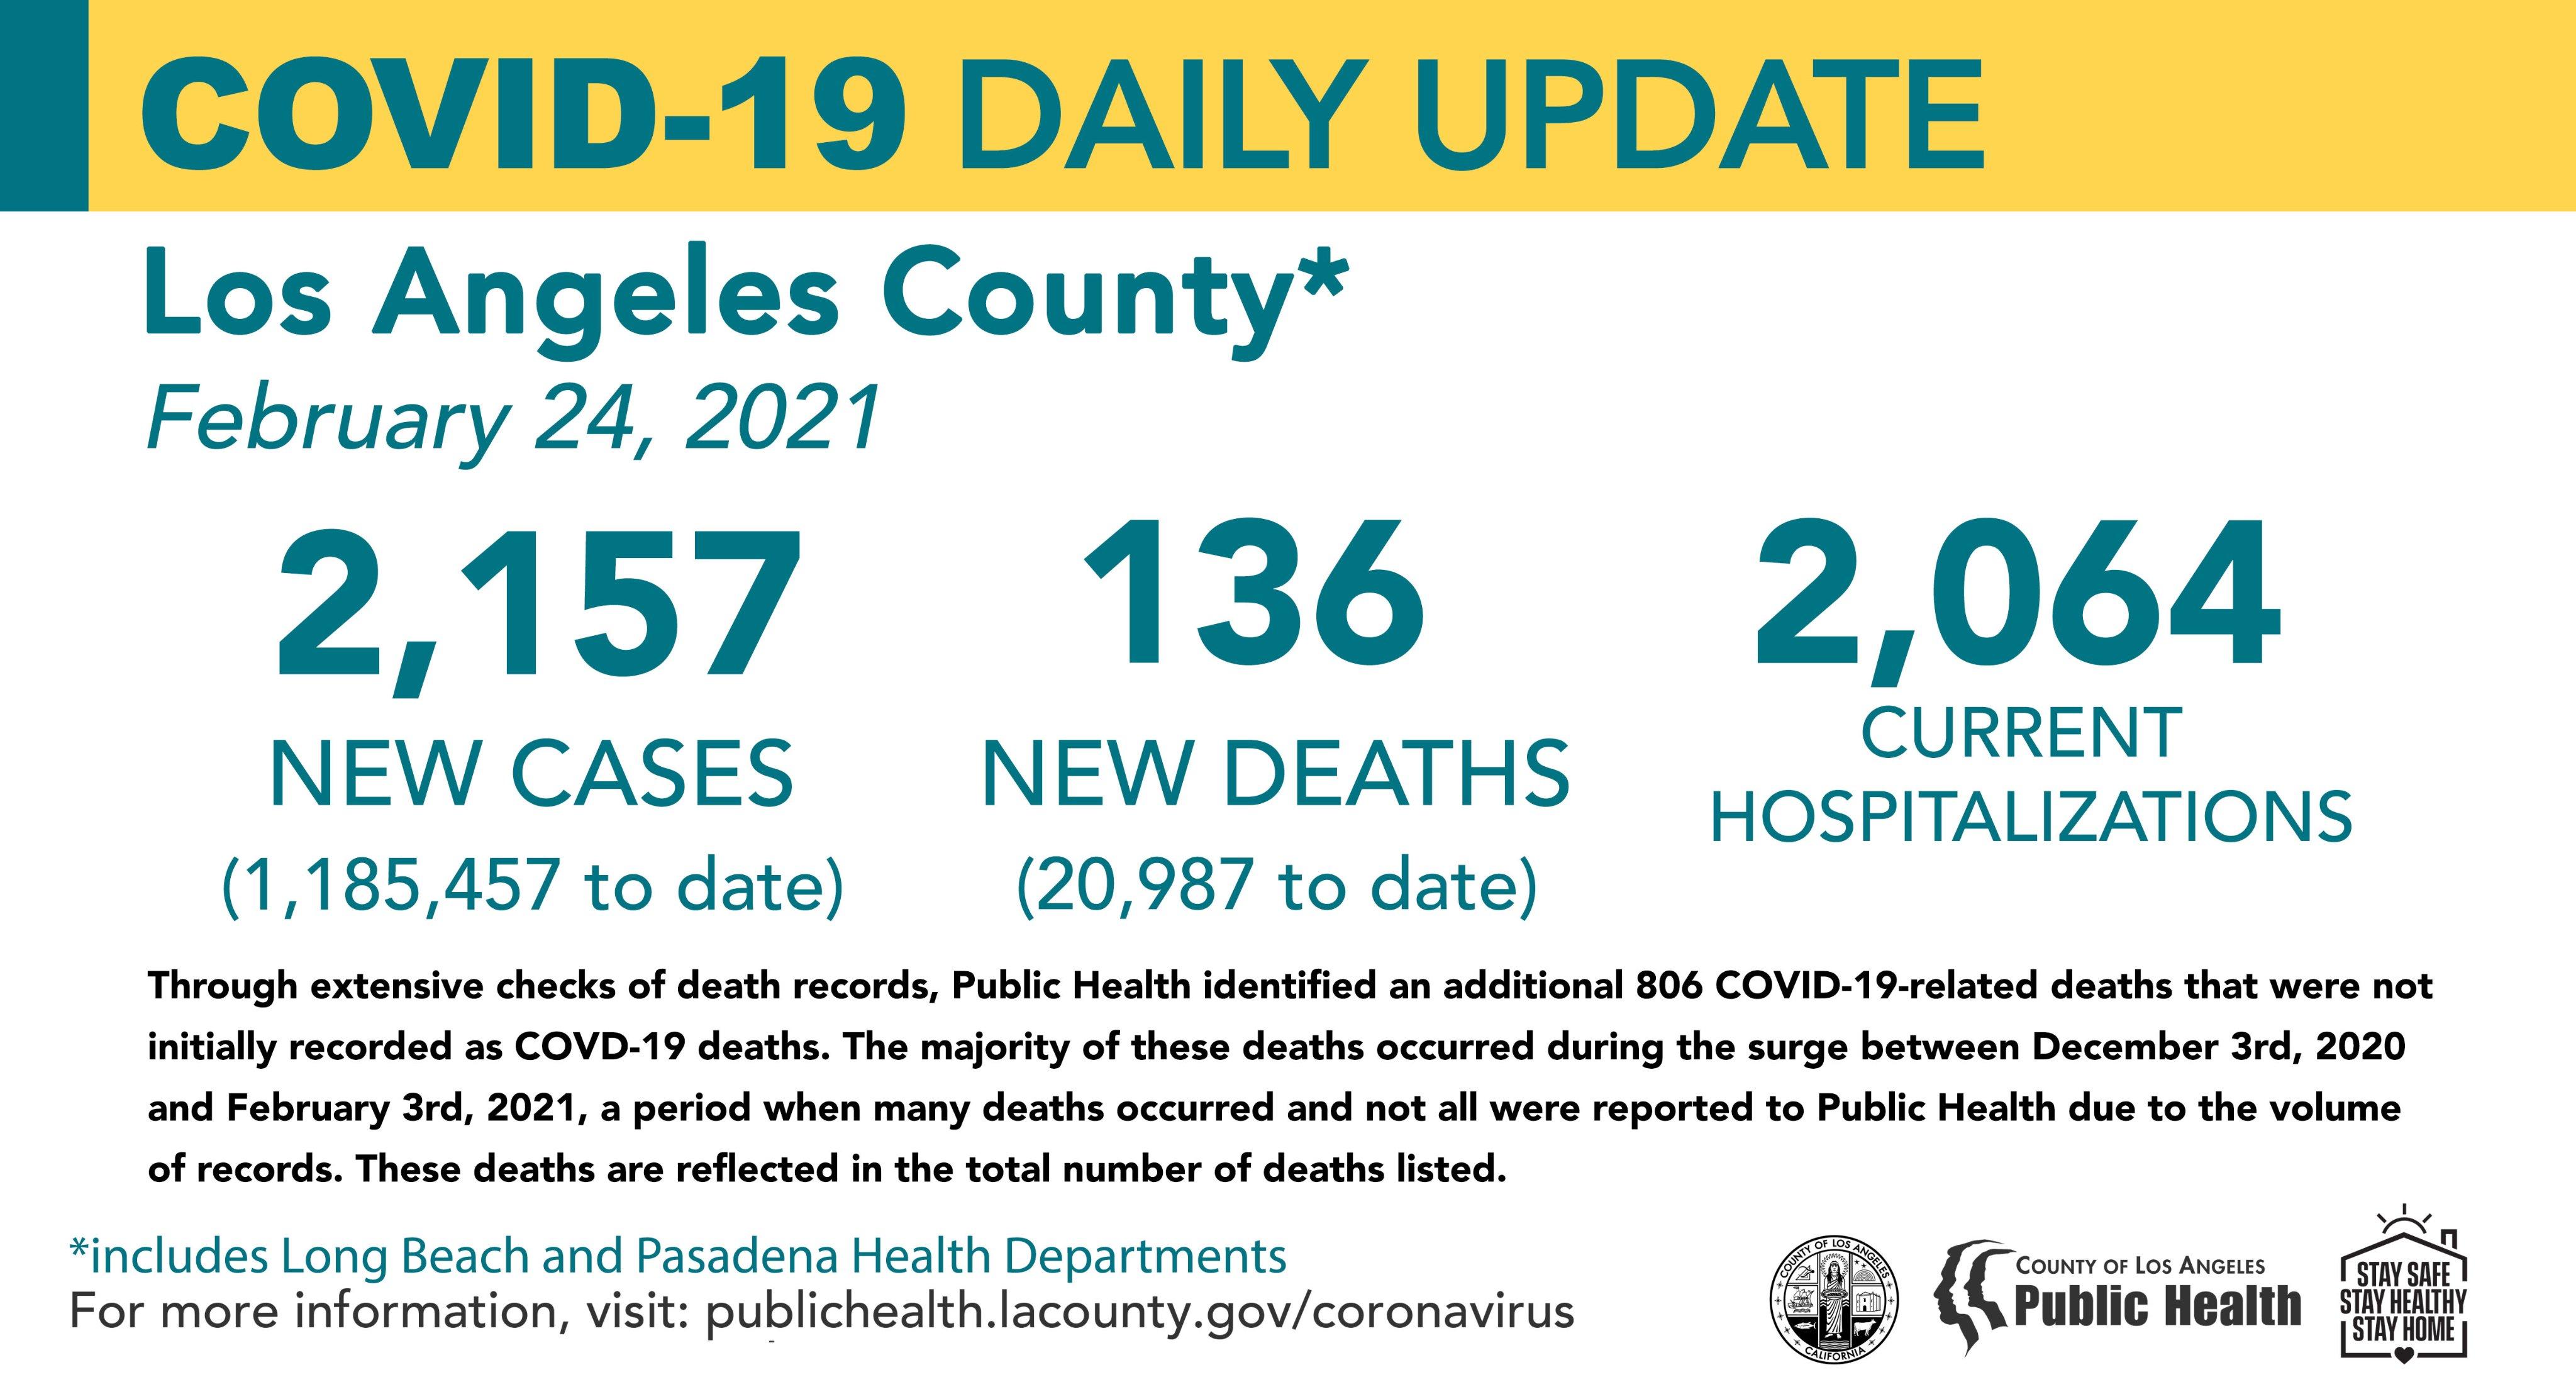 洛杉矶县2月24日新增新冠2,157例,死亡136例